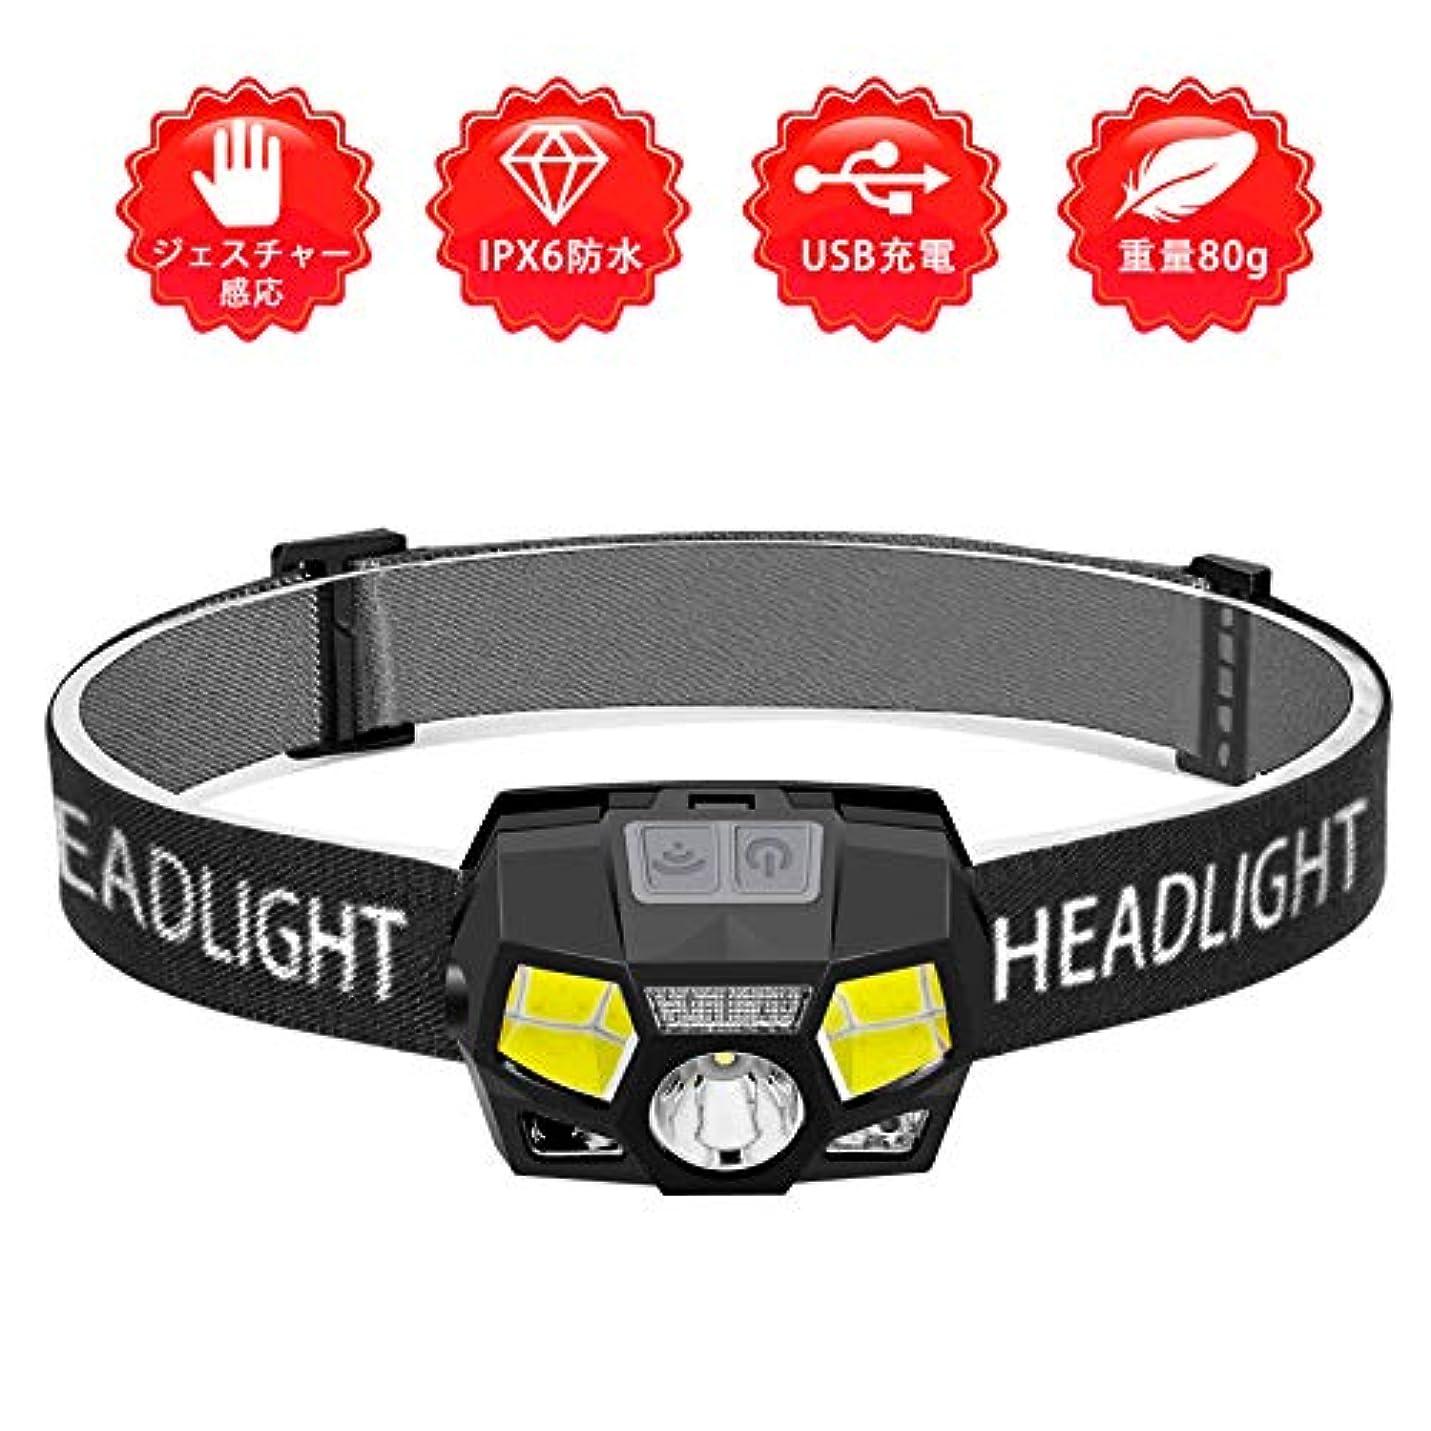 浪費動員する母音【充電式ヘッドライト】 LEDヘッドランプ 小型軽量 最高照度防水 登山/キャンプ/サイクリング/ハイキング/防災/夜釣り/非常時用